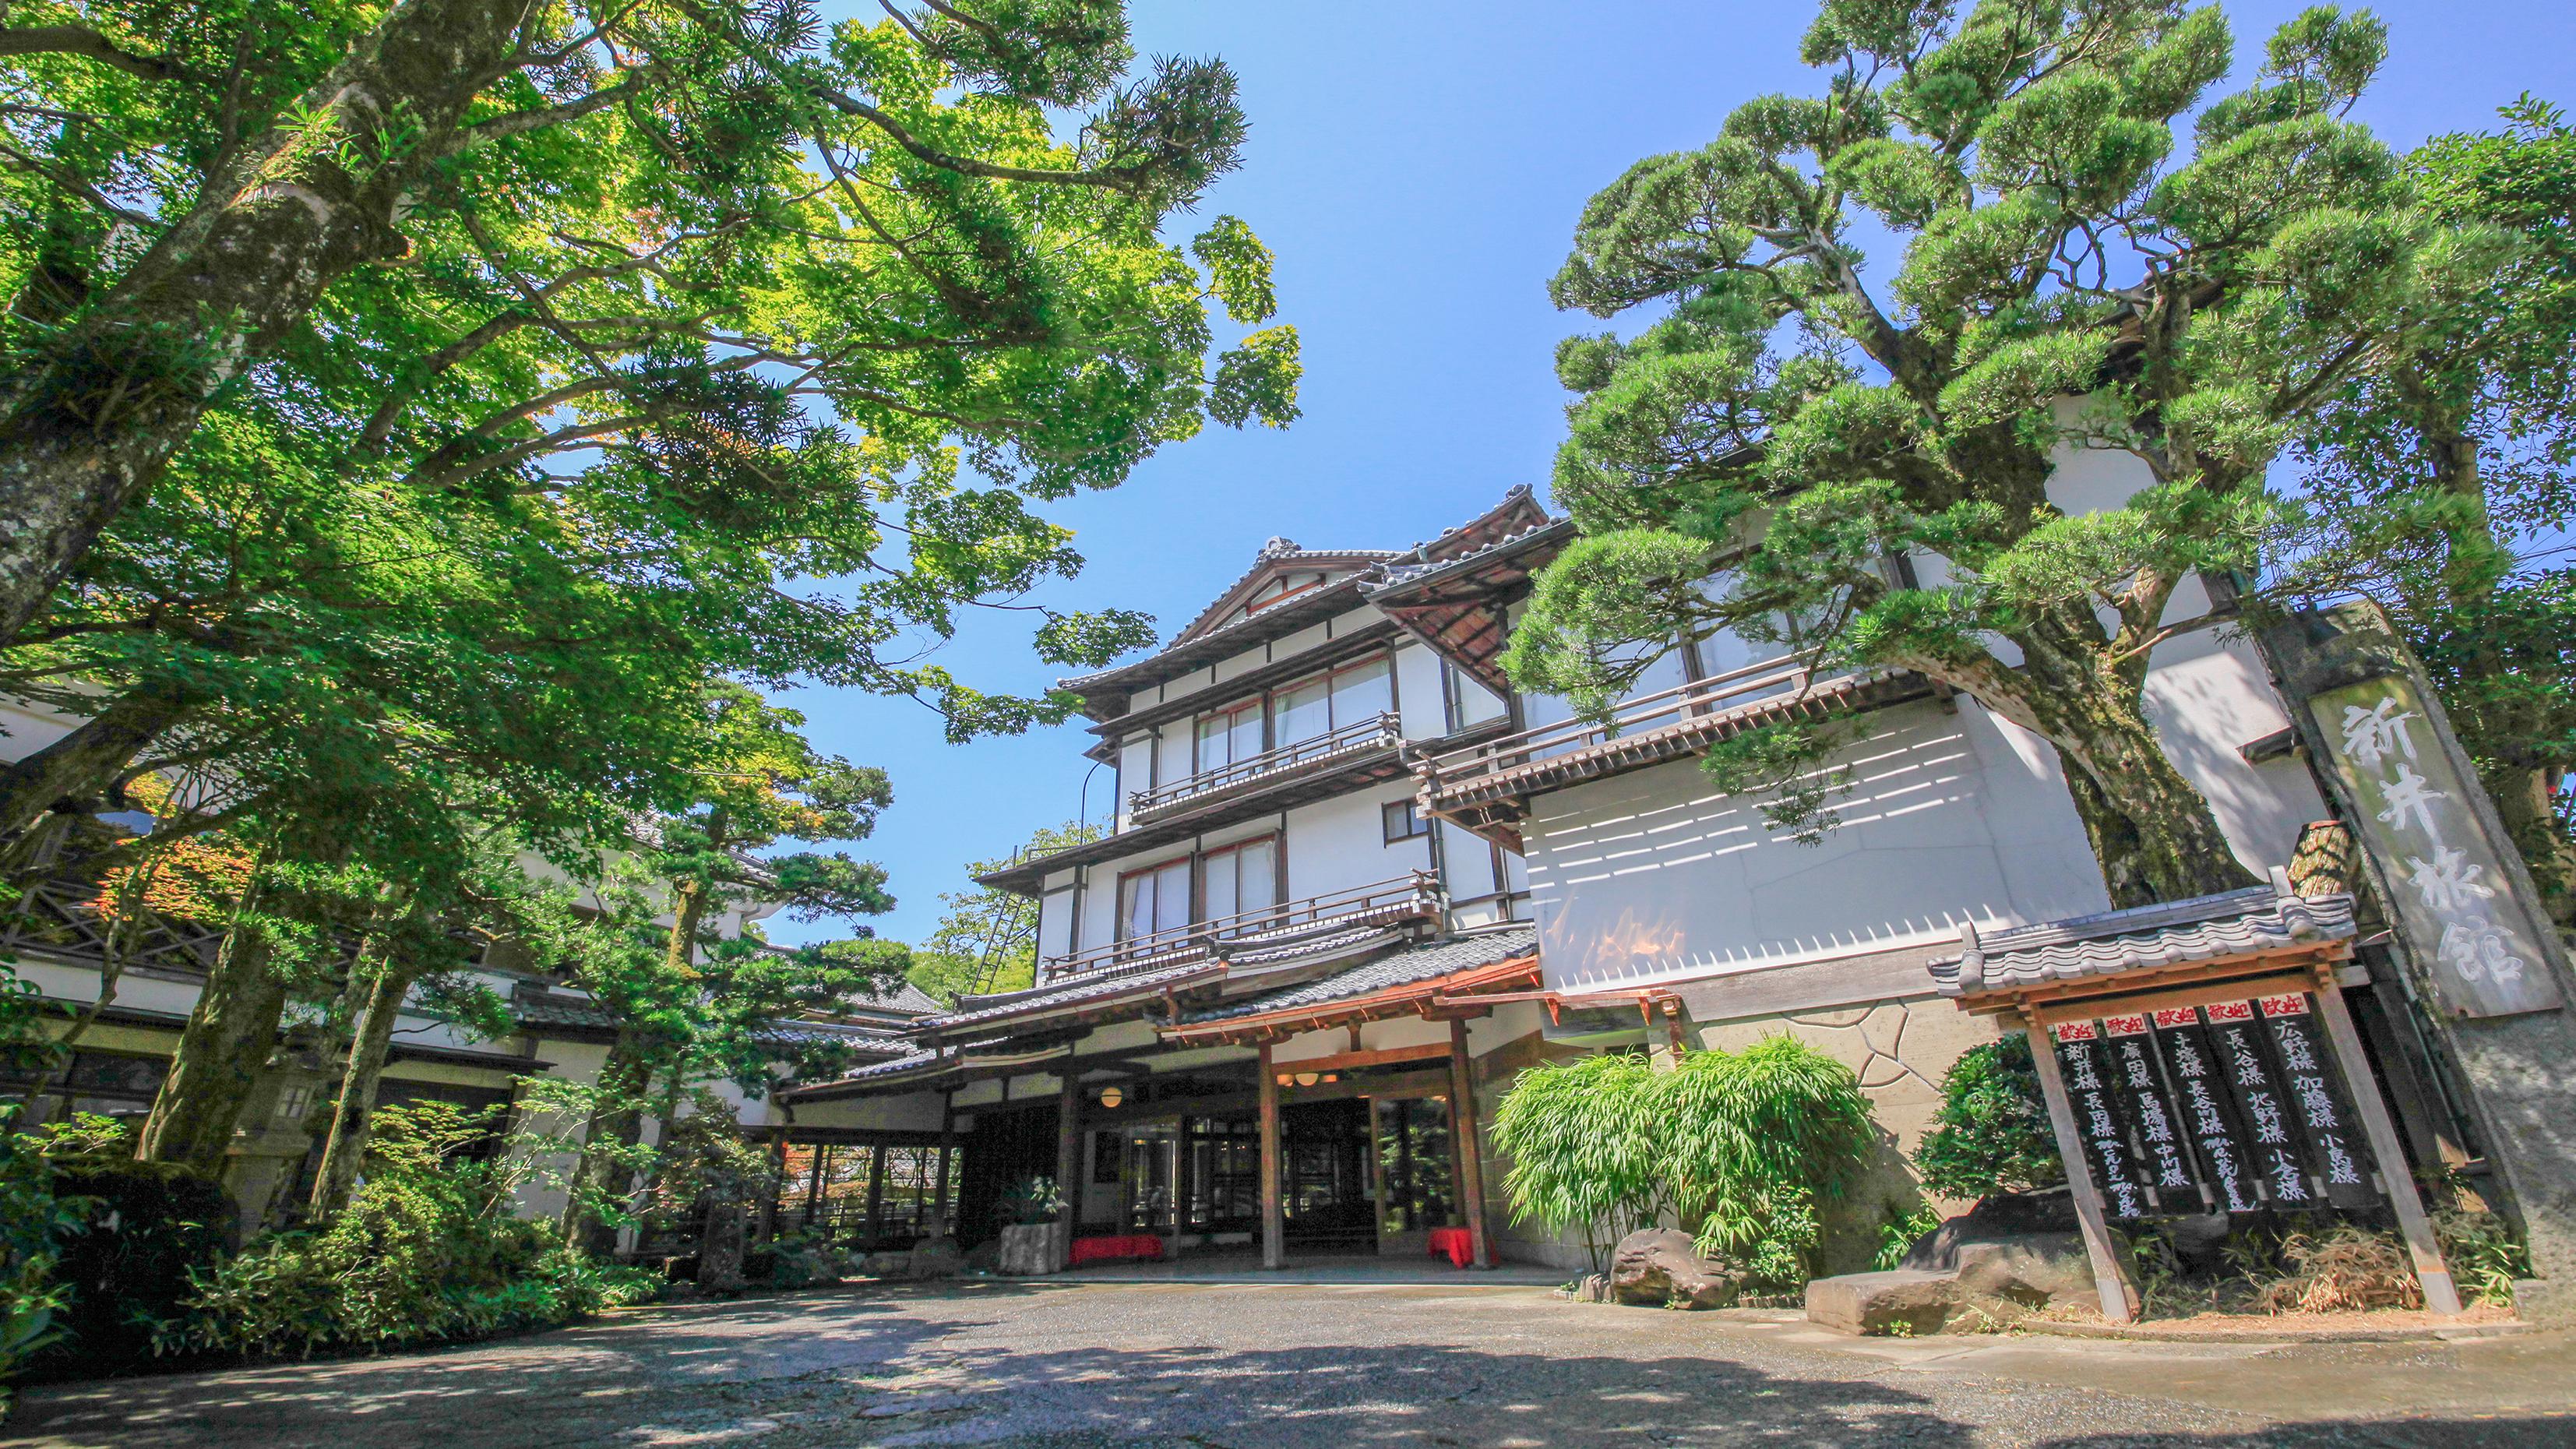 修善寺温泉で湯めぐり。立ち寄り湯におすすめなホテルをおしえて!